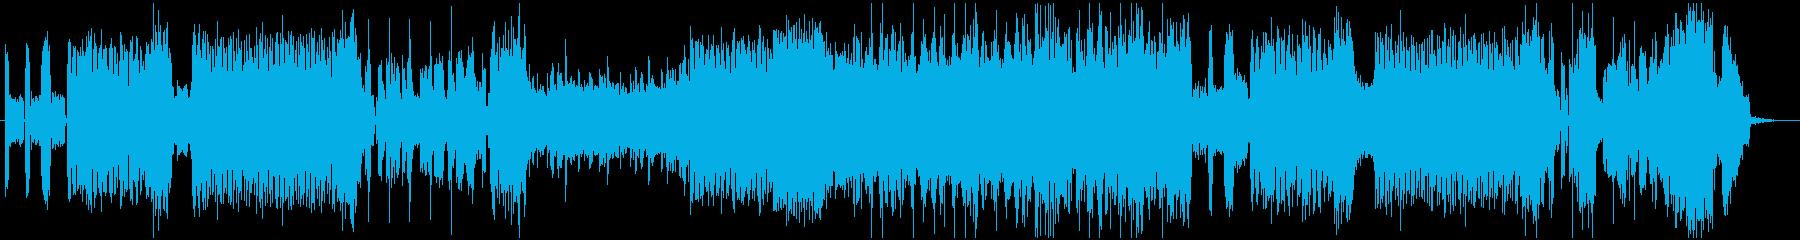 【音ゲー】超疾走感のあるEDMメタル!の再生済みの波形